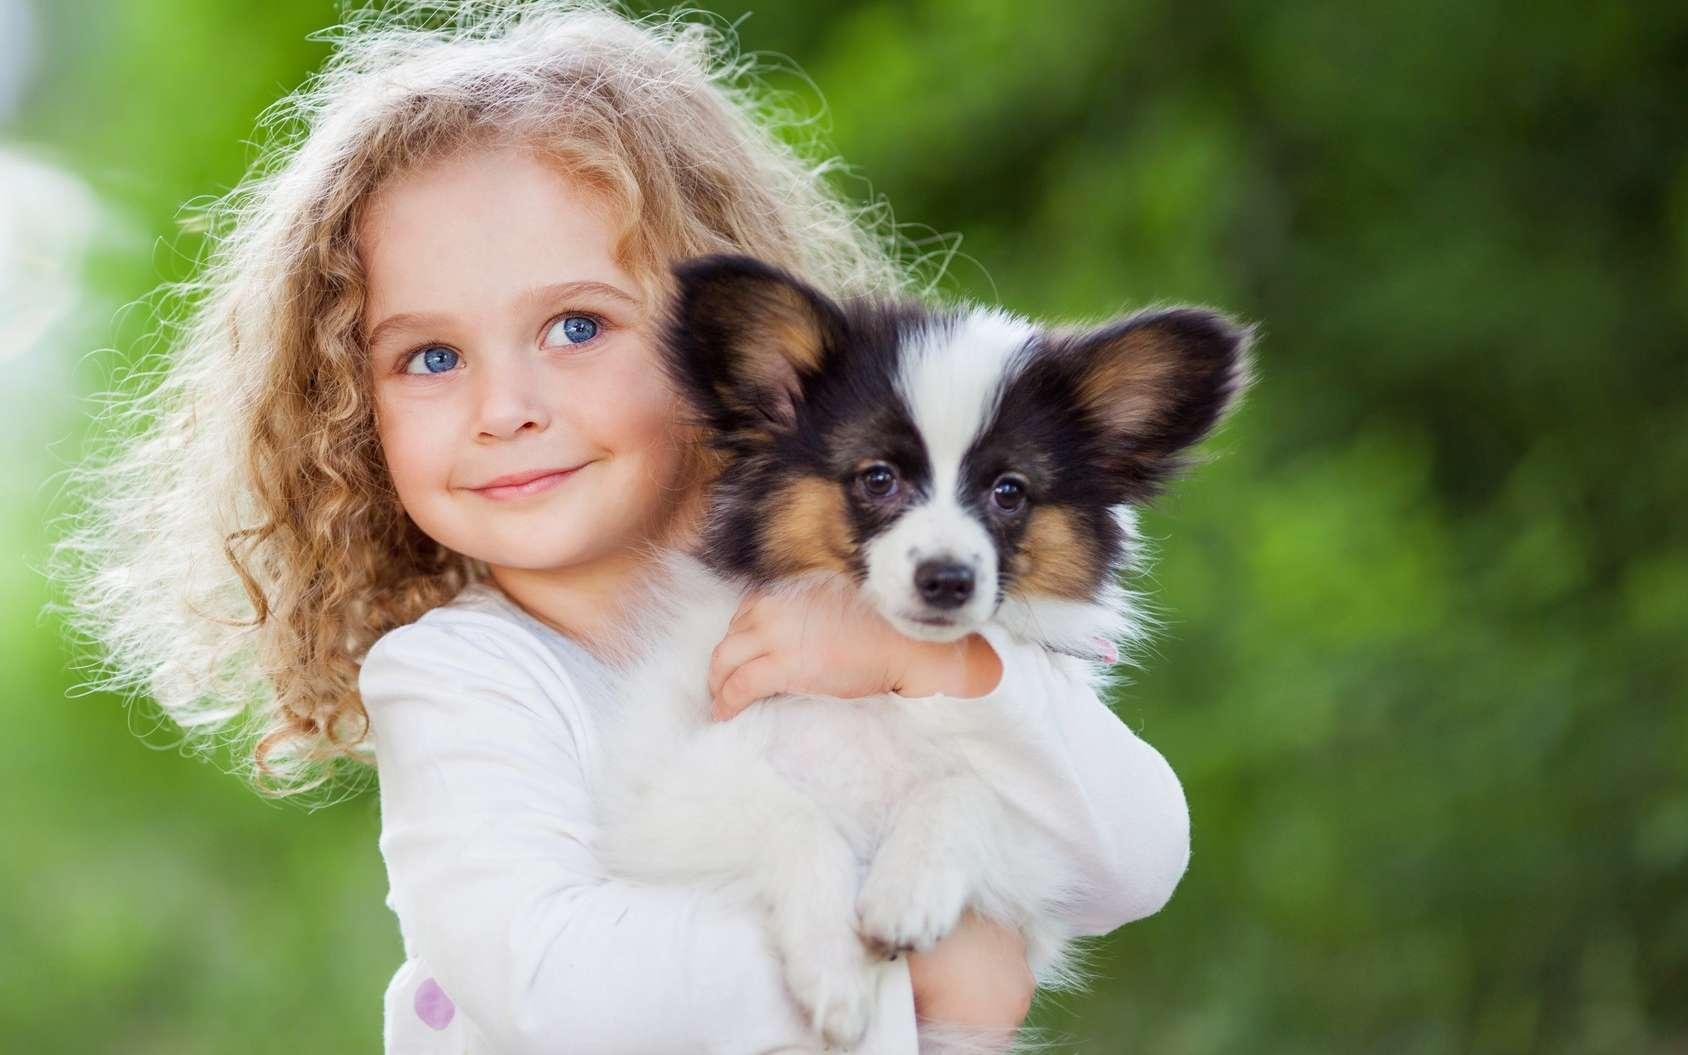 Des étudiants semblaient plus perturbés par la souffrance d'un chien que celle d'un adulte humain. © Natalia Chircova, Fotolia